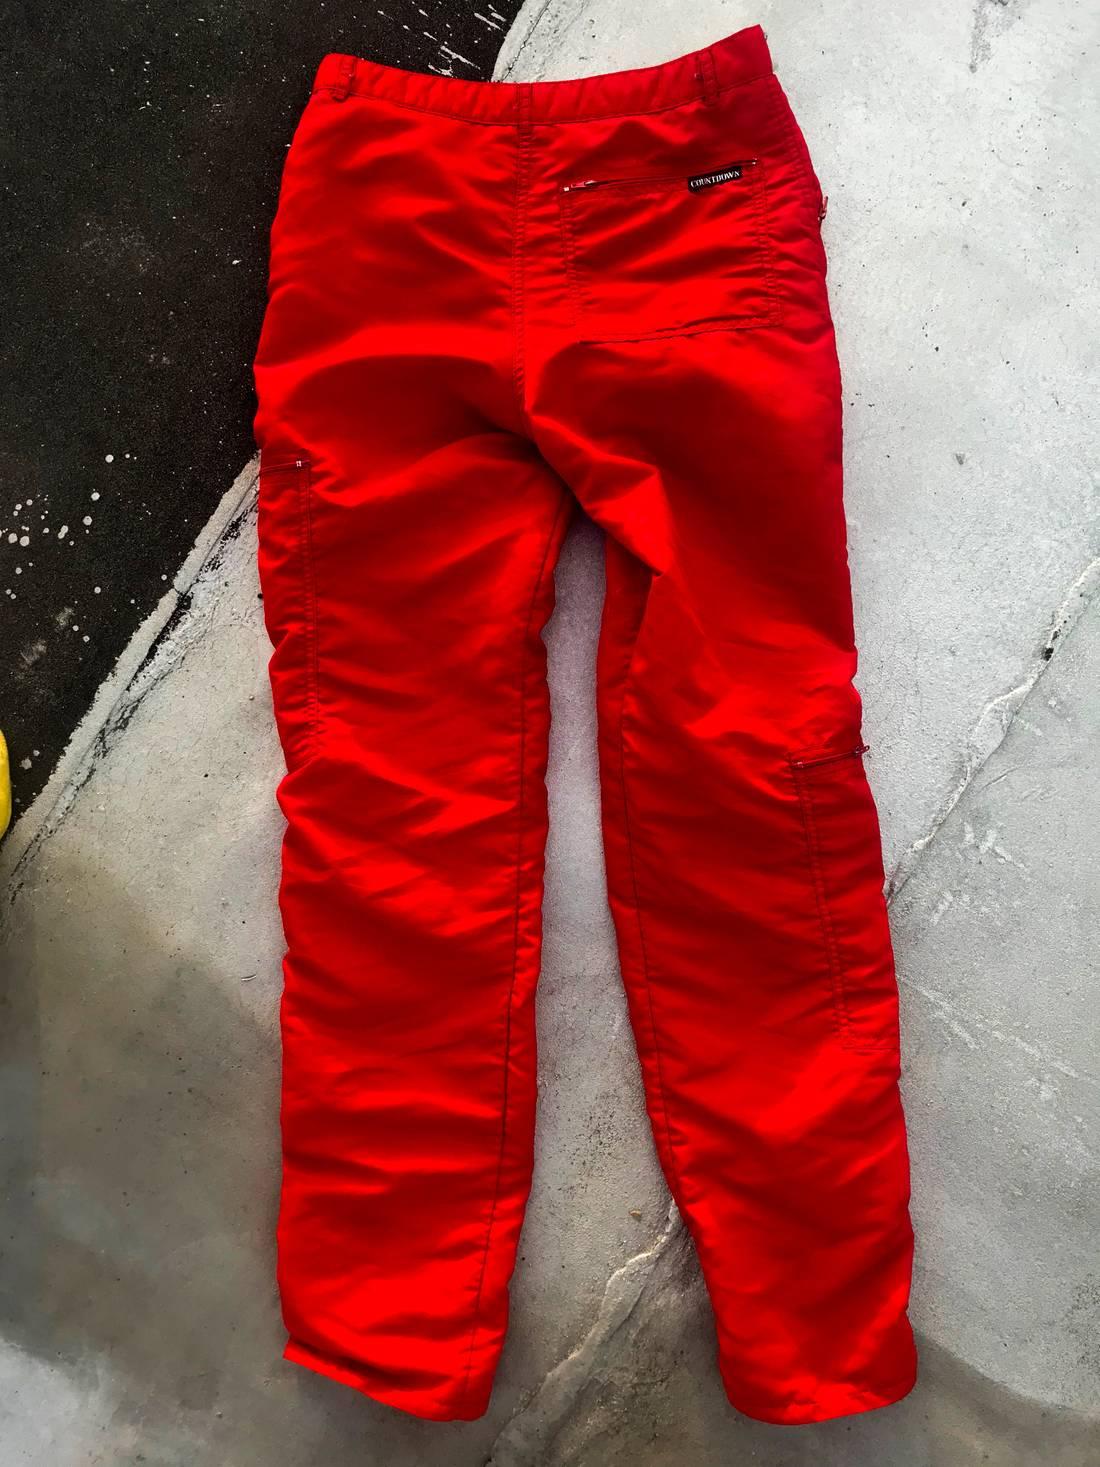 bugle boy 7 pocket crimson parachute pants size 32 casual pants